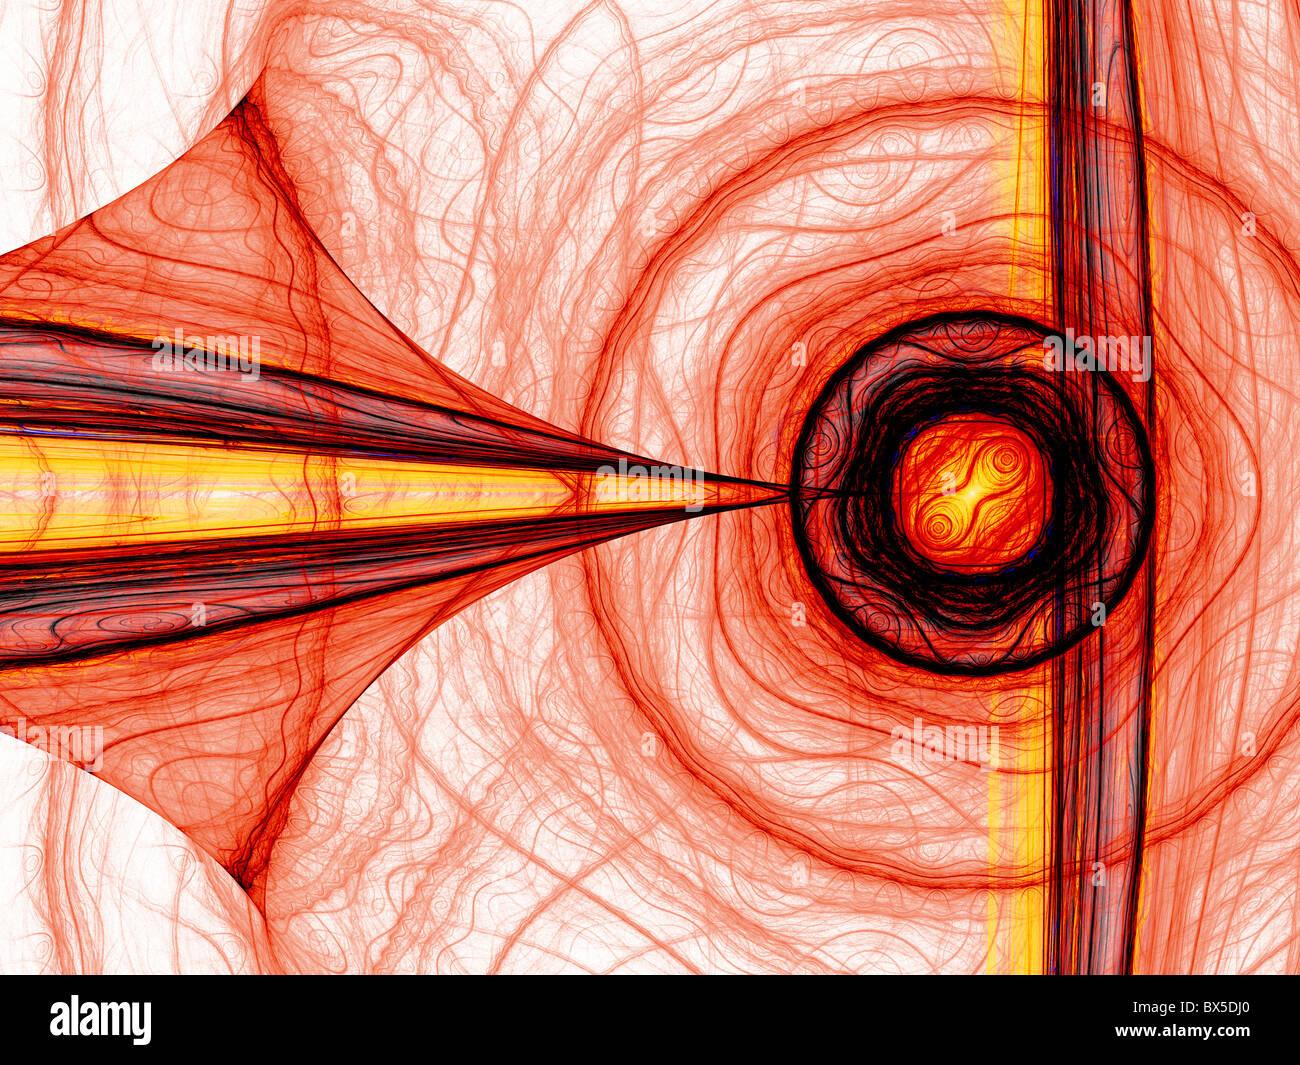 Resumo de energia vermelho gerado por computador de fractais. Bom como plano de fundo ou papel de parede. Imagens de Stock